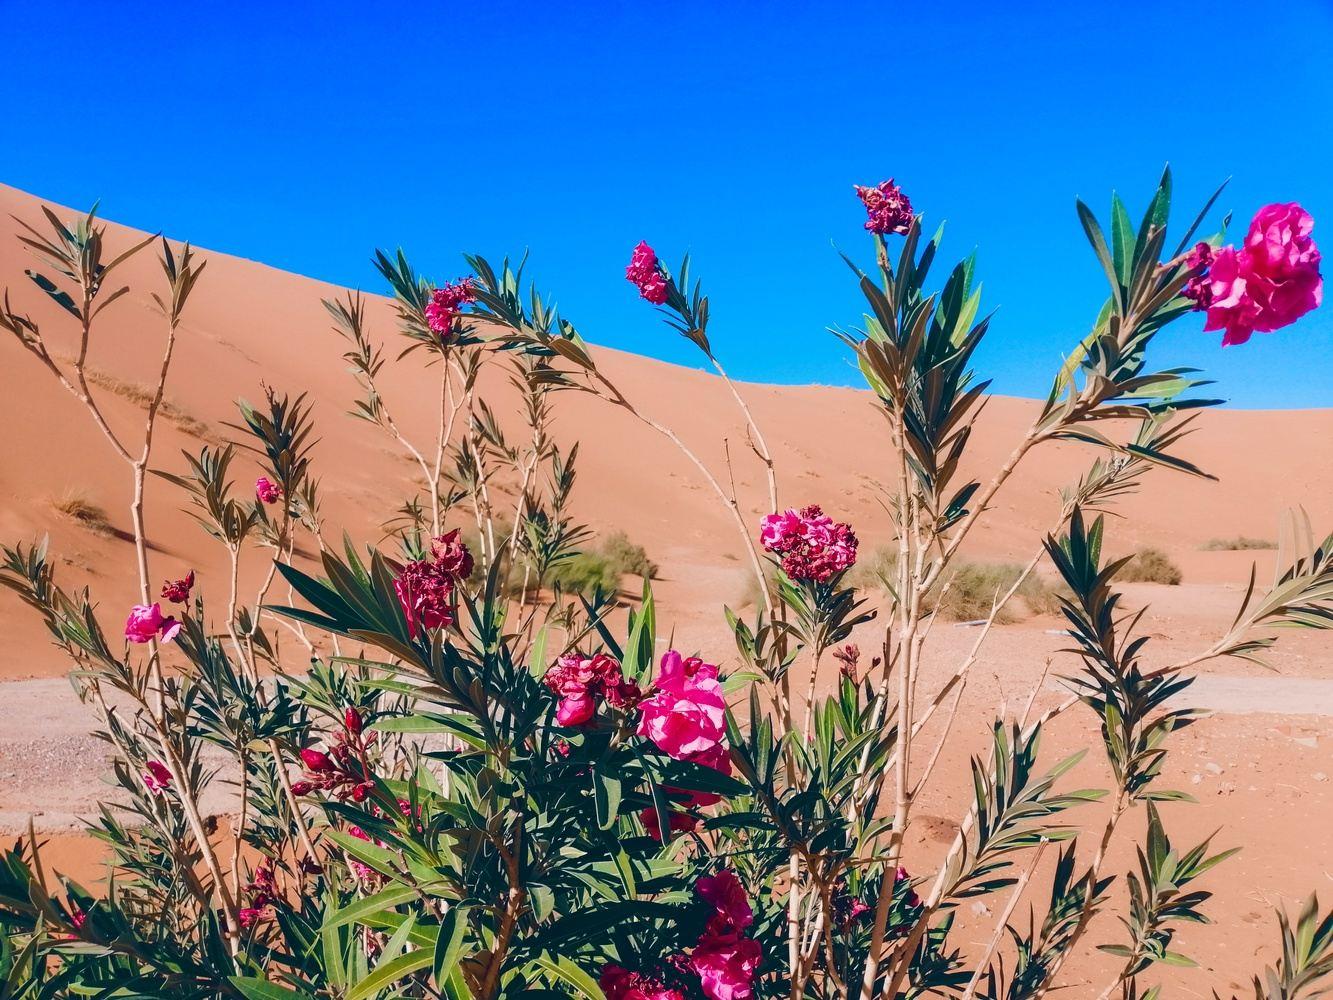 Best Morocco Desert Tours from Marrakech to Fez via Merzouga desert